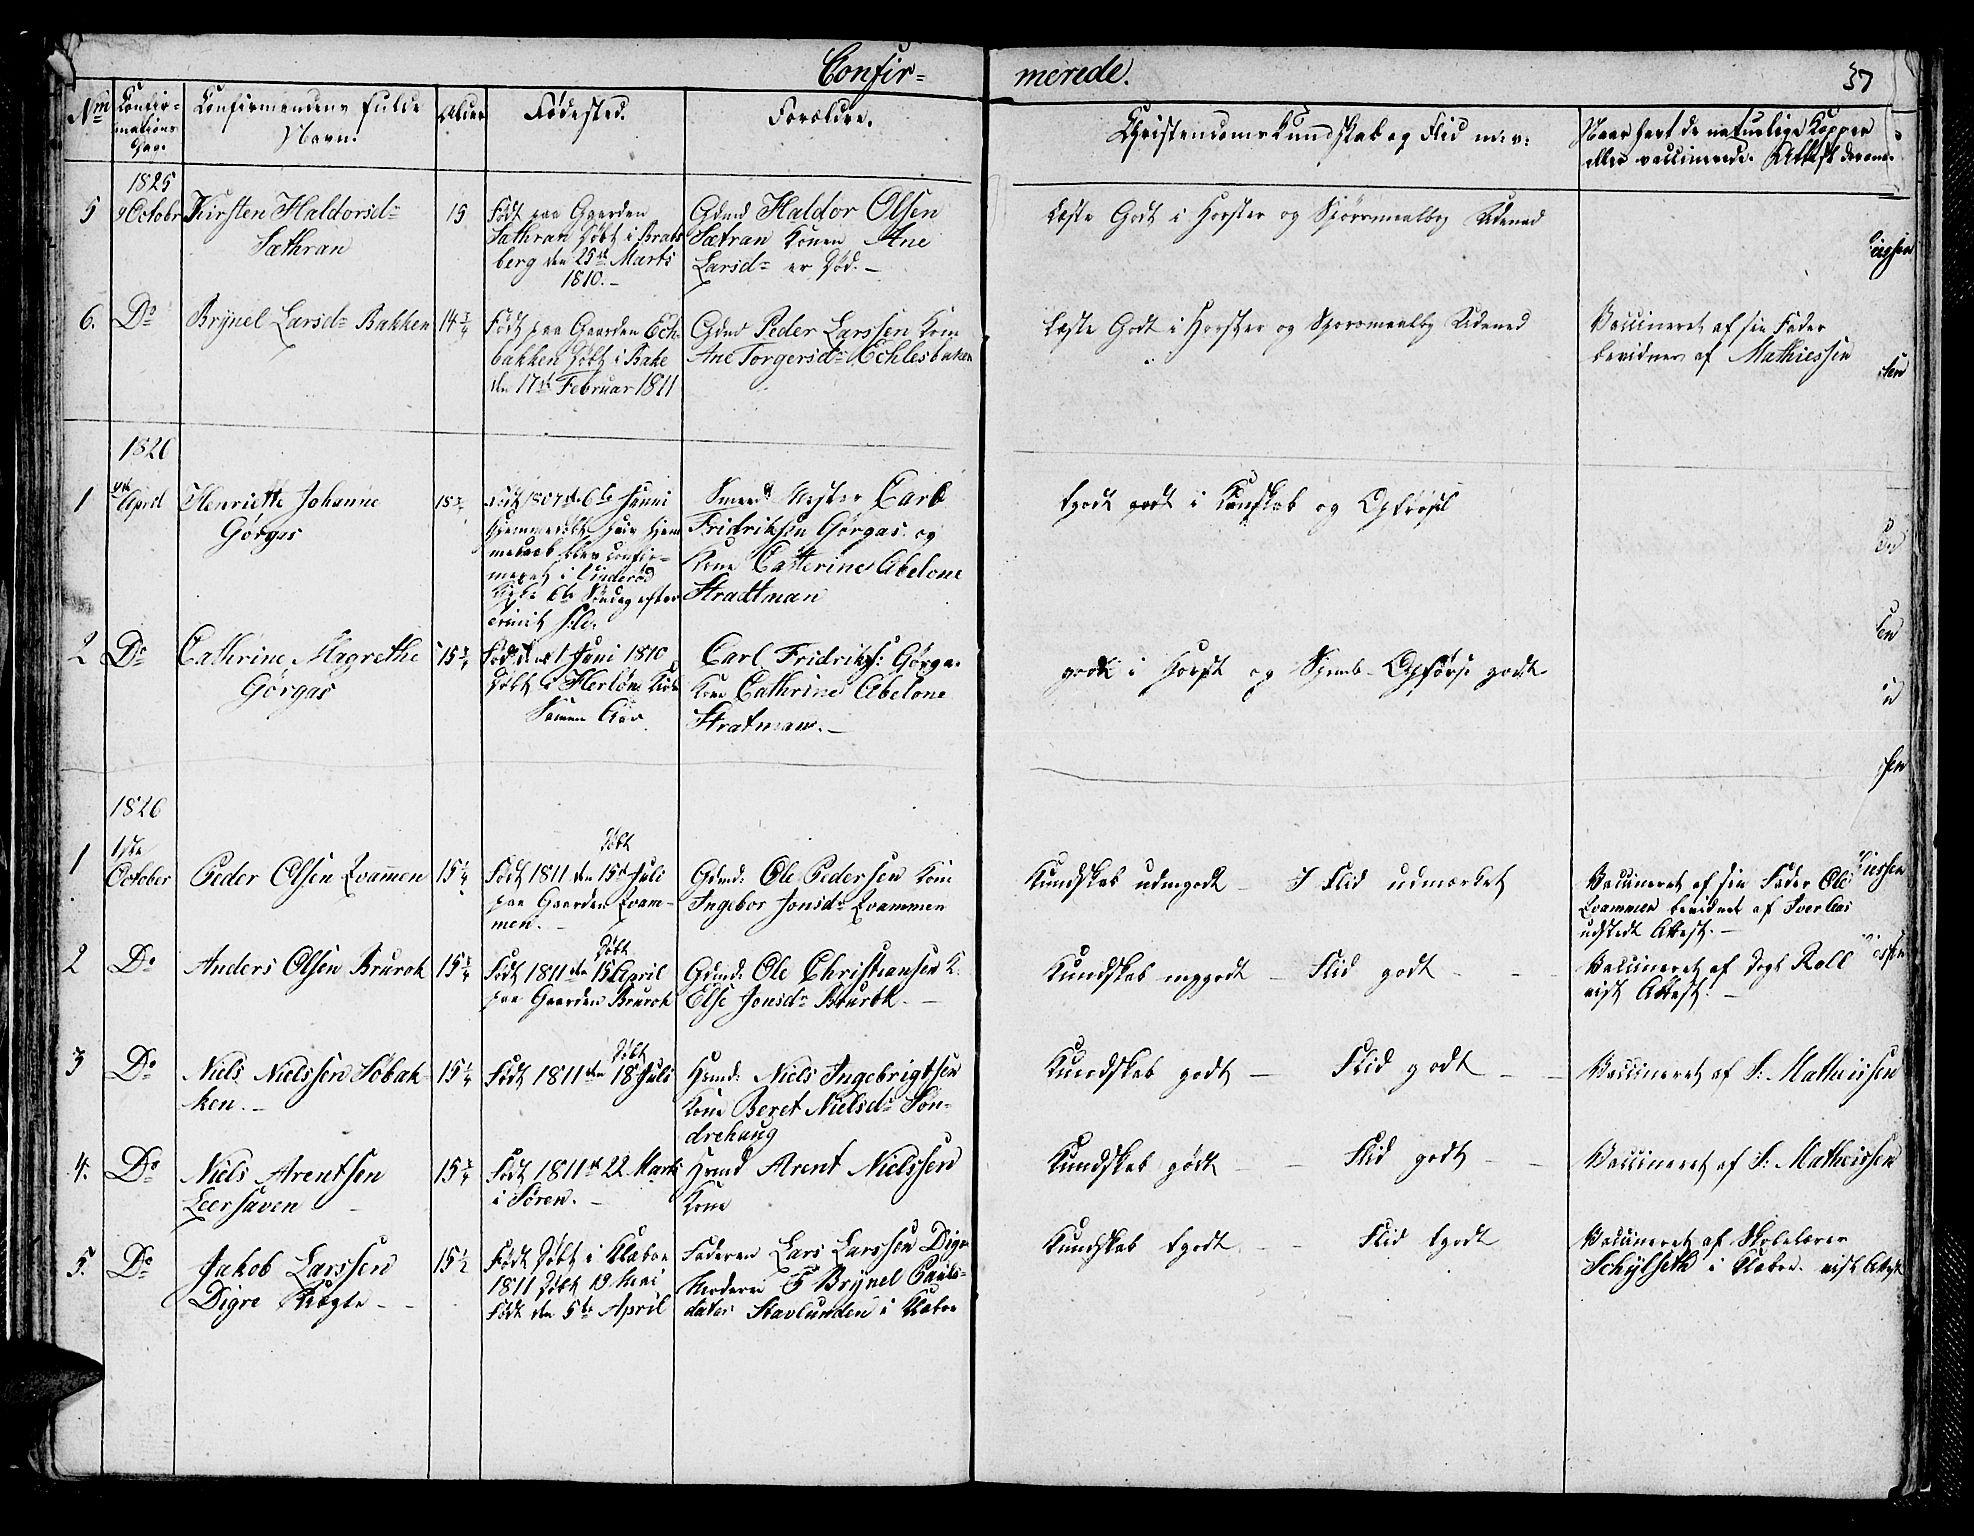 SAT, Ministerialprotokoller, klokkerbøker og fødselsregistre - Sør-Trøndelag, 608/L0337: Klokkerbok nr. 608C03, 1821-1831, s. 37